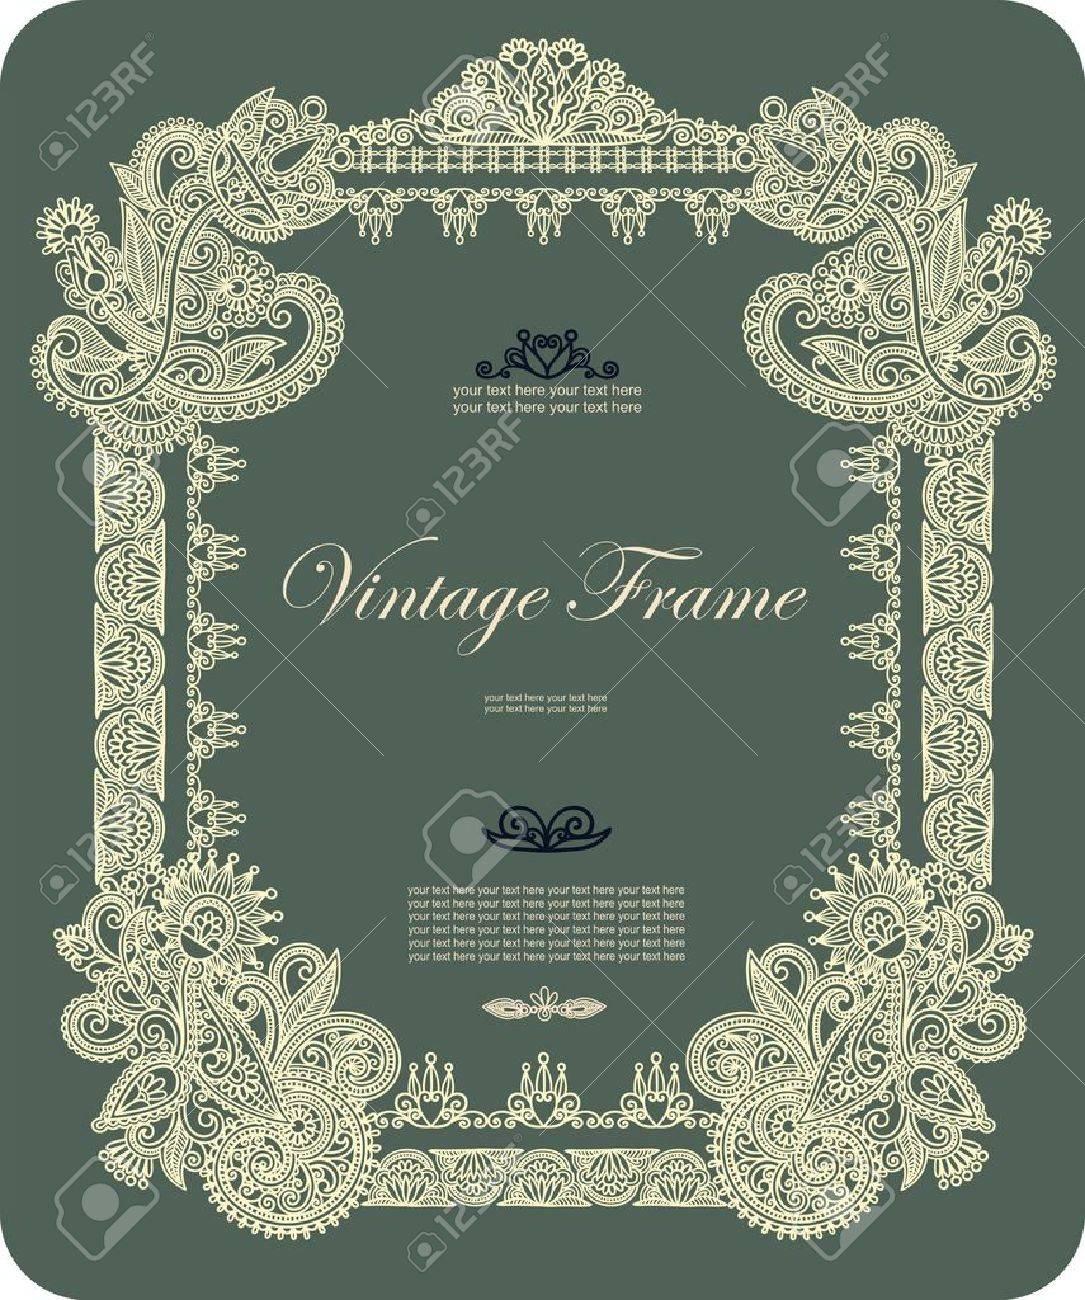 Vintage frame Stock Vector - 11189380